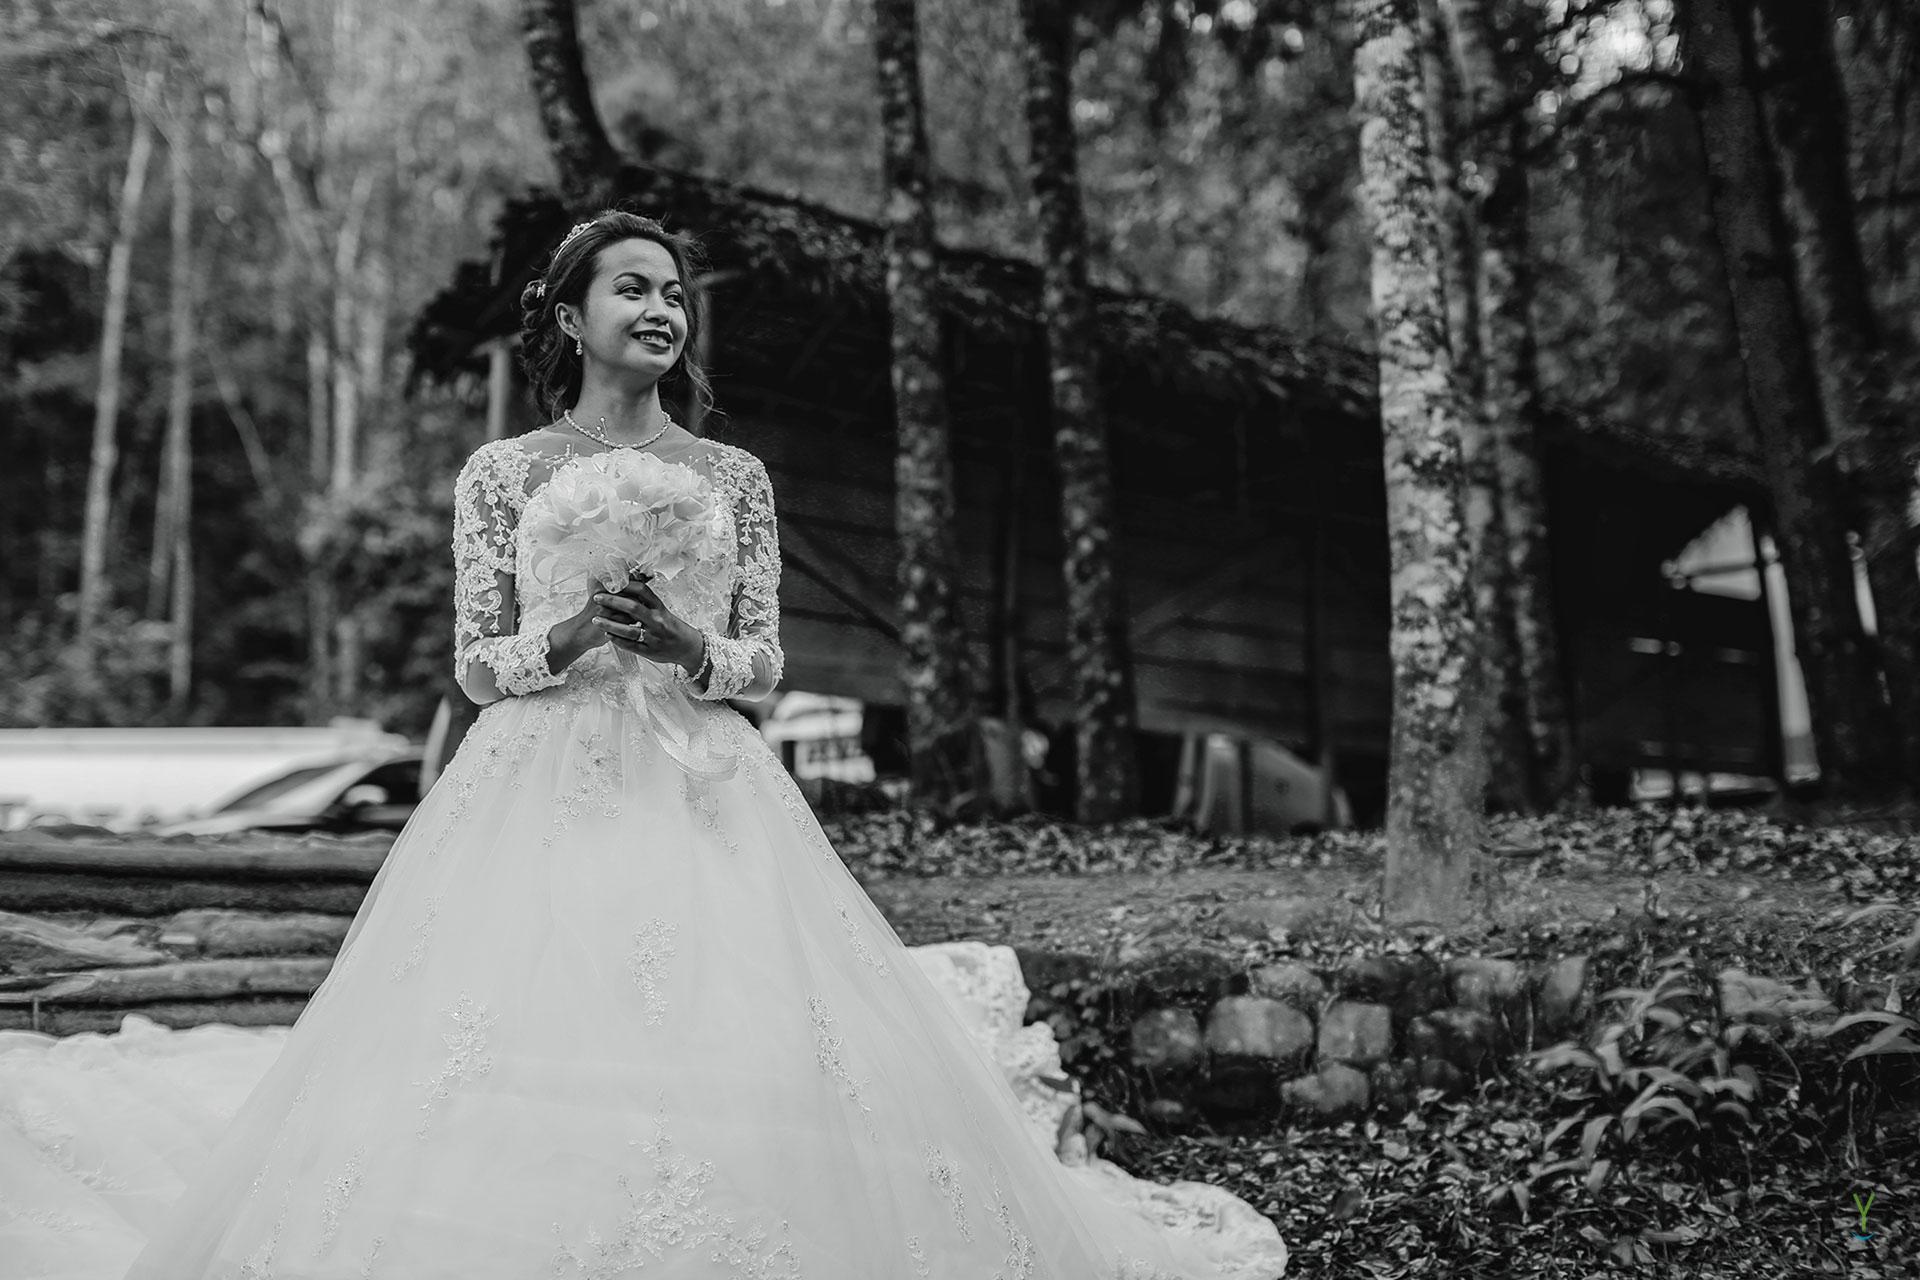 006_tina_lahony_trash_the_dress_17-09-20